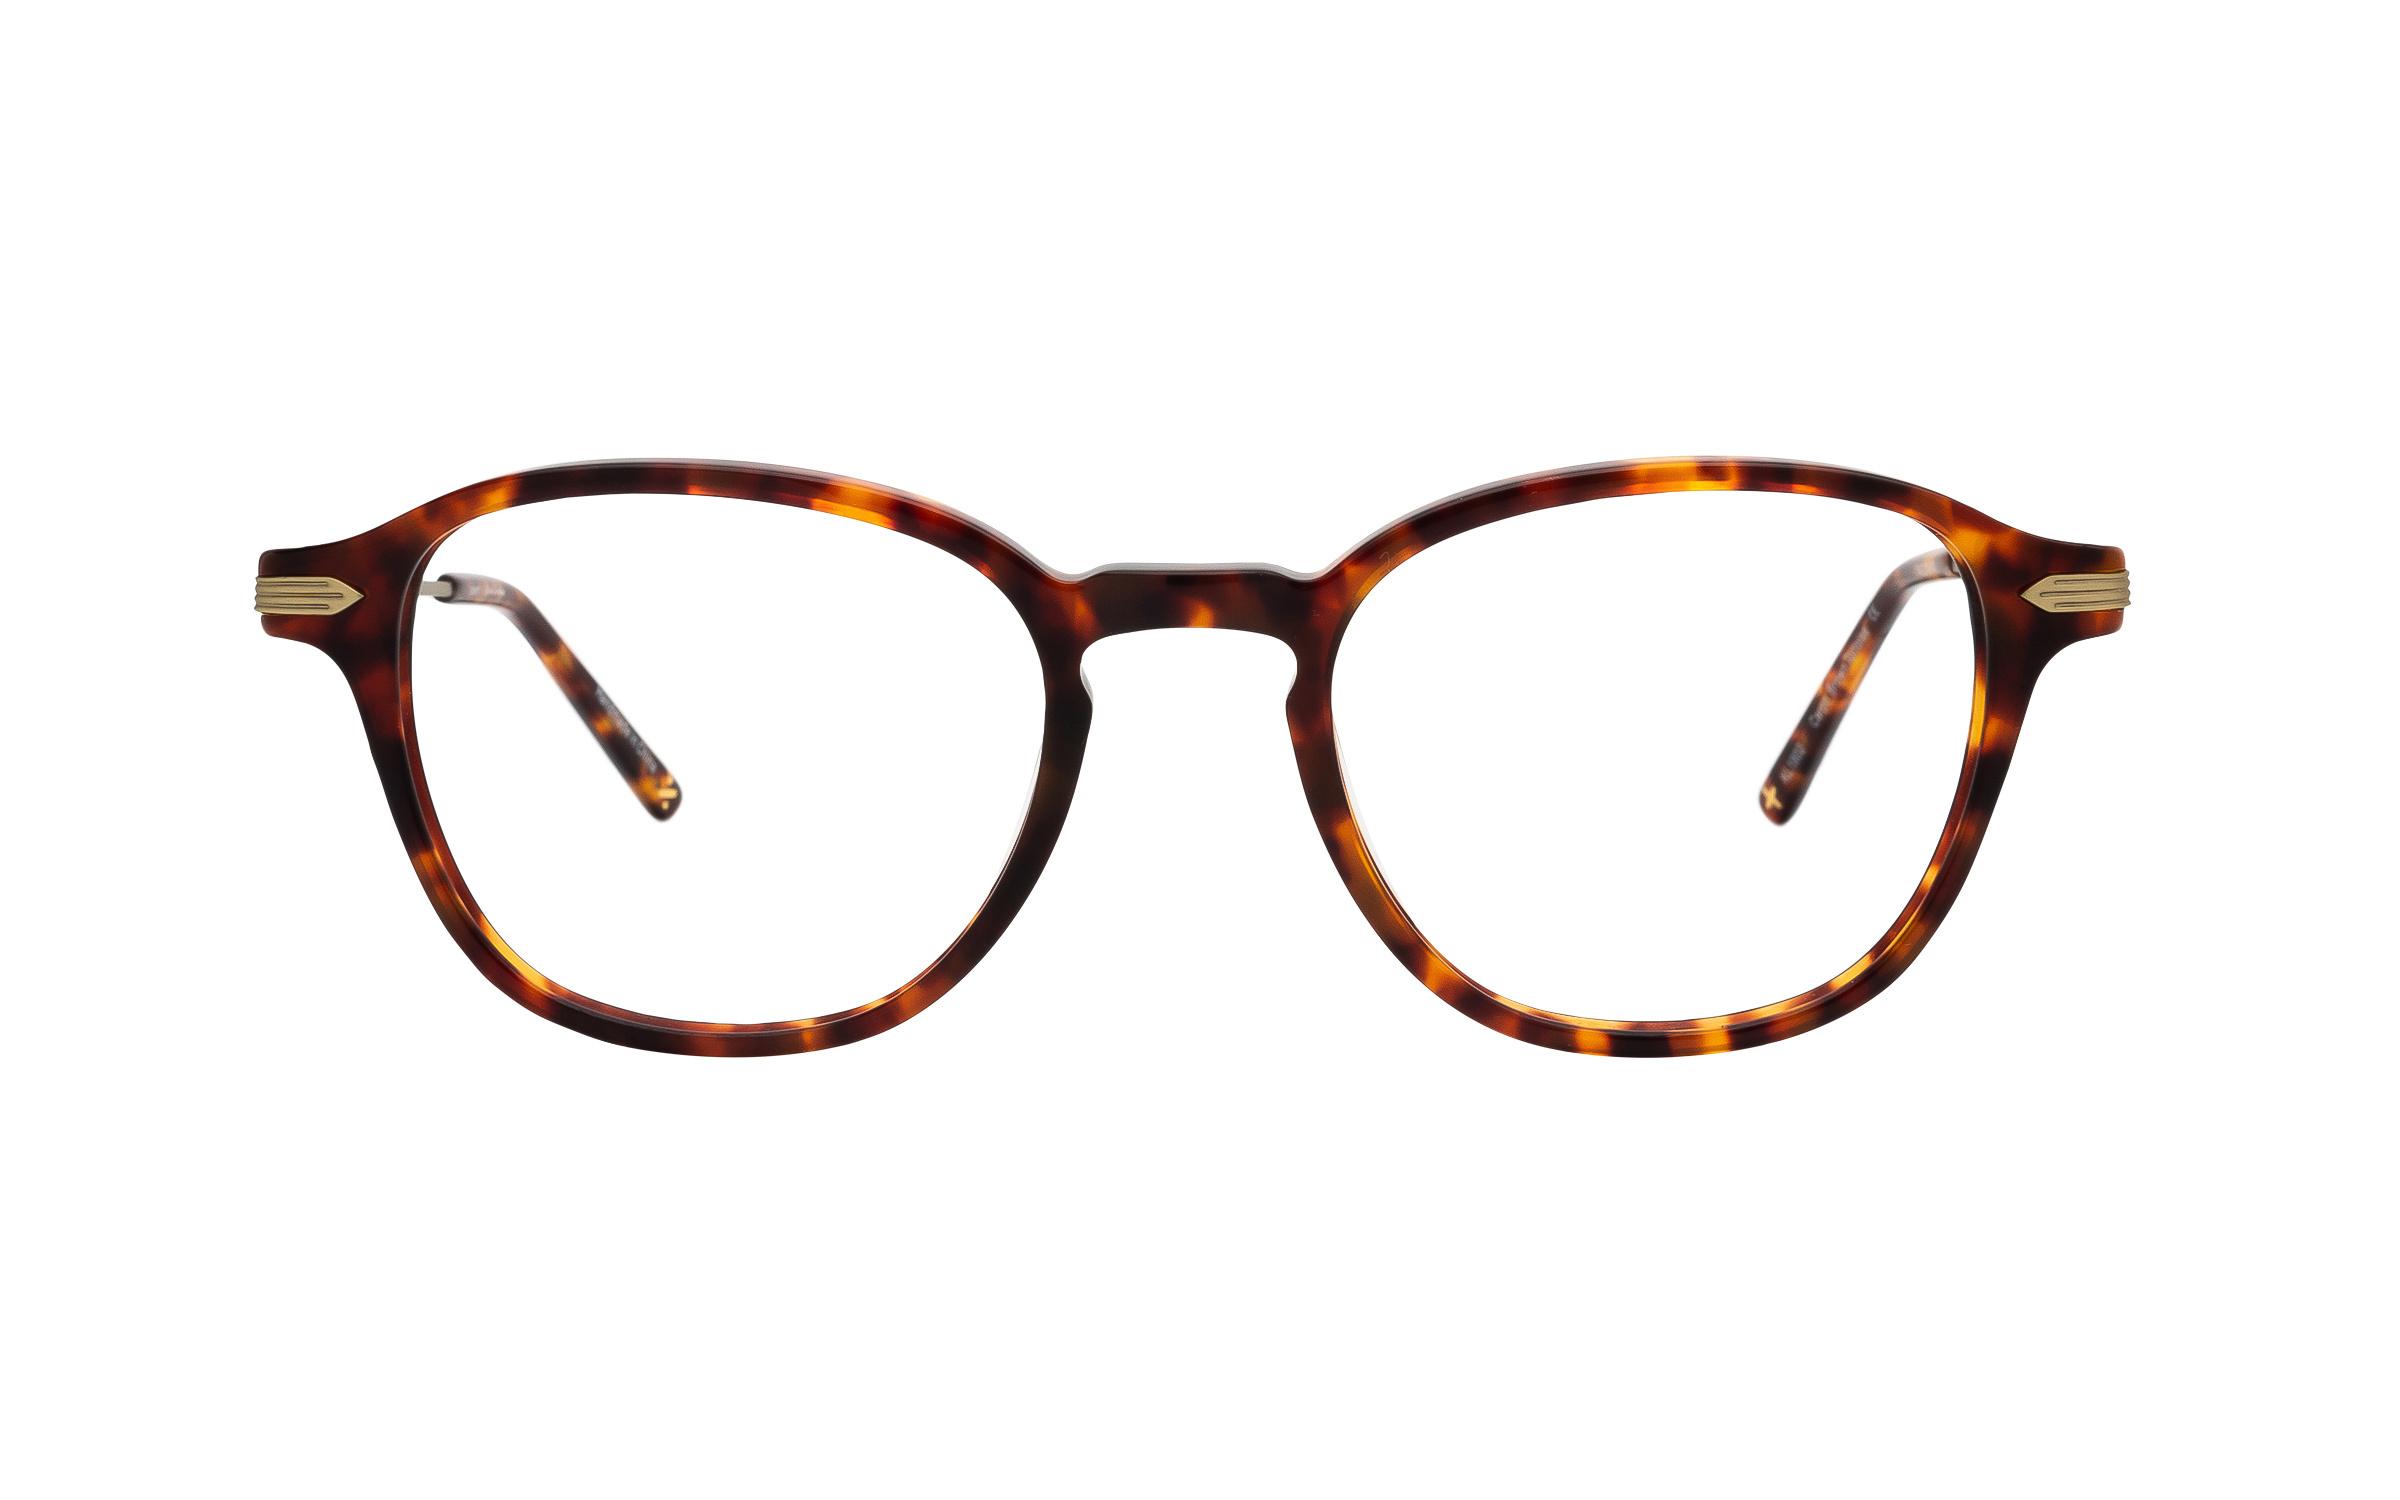 coastal.com - Derek Cardigan Carpo (49) Eyeglasses and Frame in Brown/Tortoise | Acetate/Metal – Online Coastal 55.00 USD